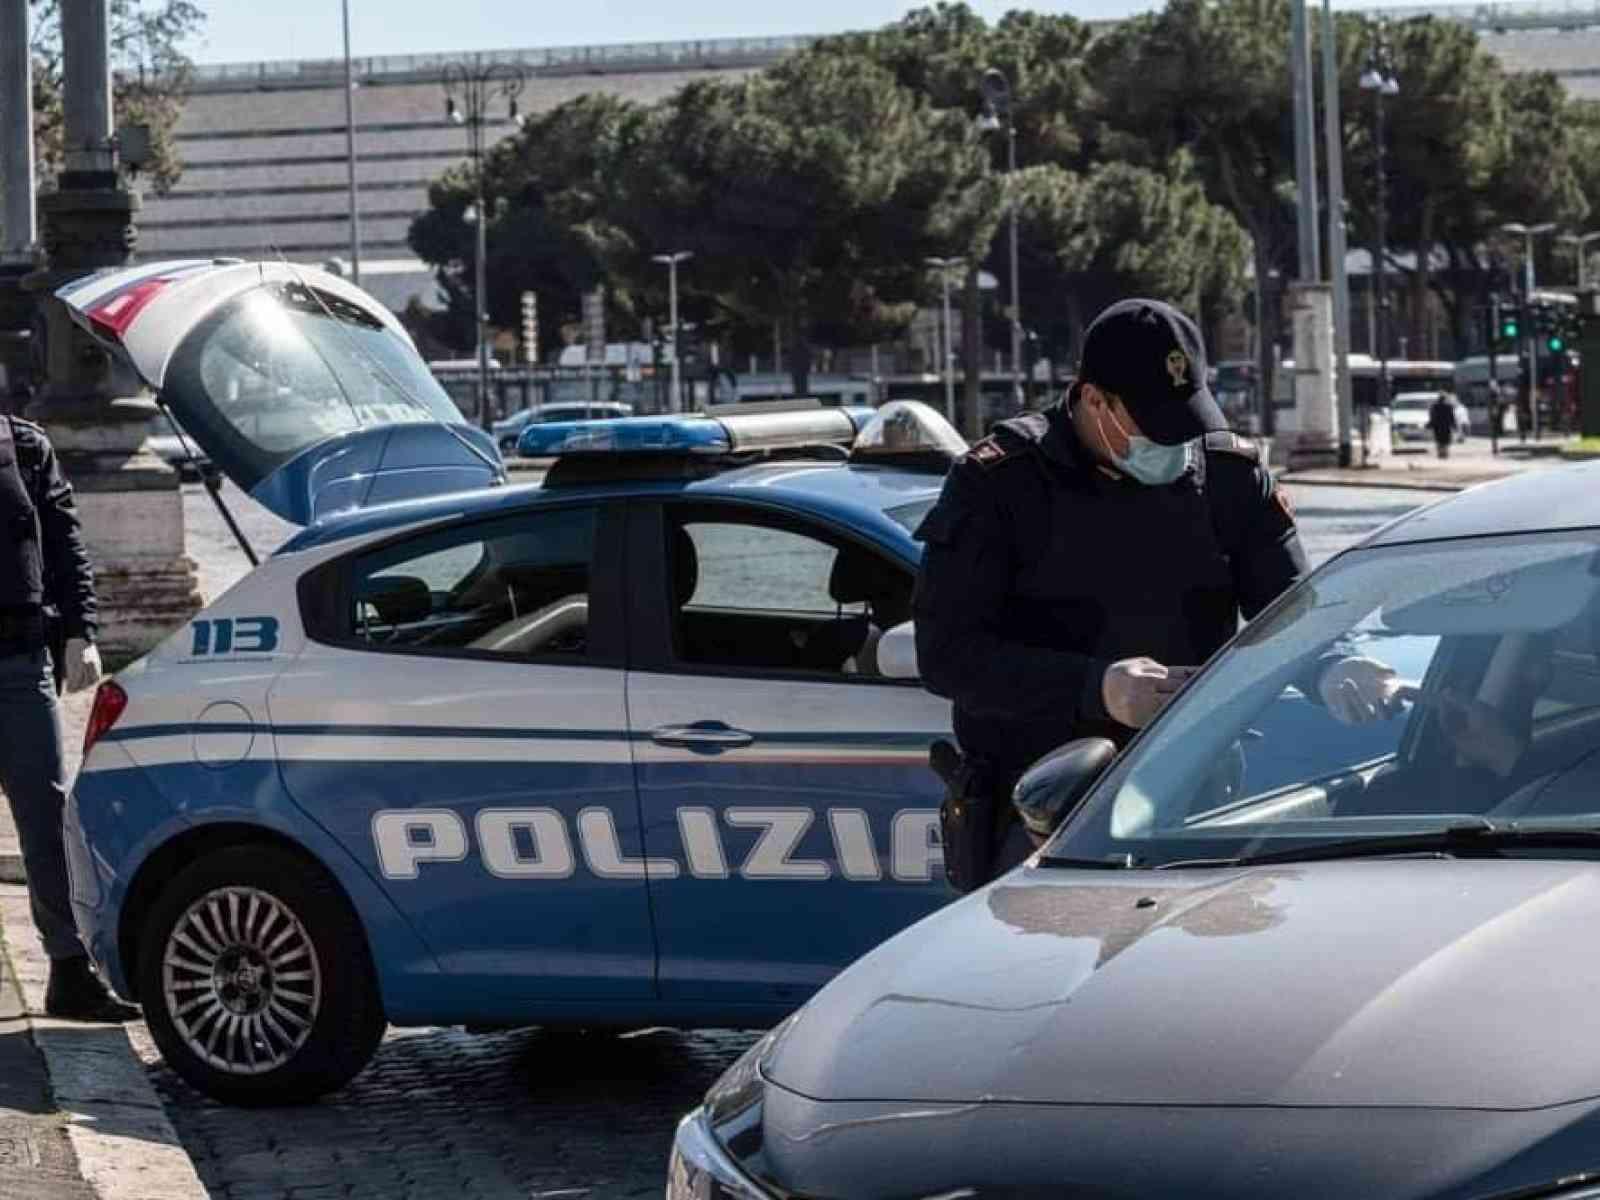 Immagine articolo: Polizia di Stato di Sciacca , controllo Covid-19 , elevate sanzioni per ingiustificati spostamenti.